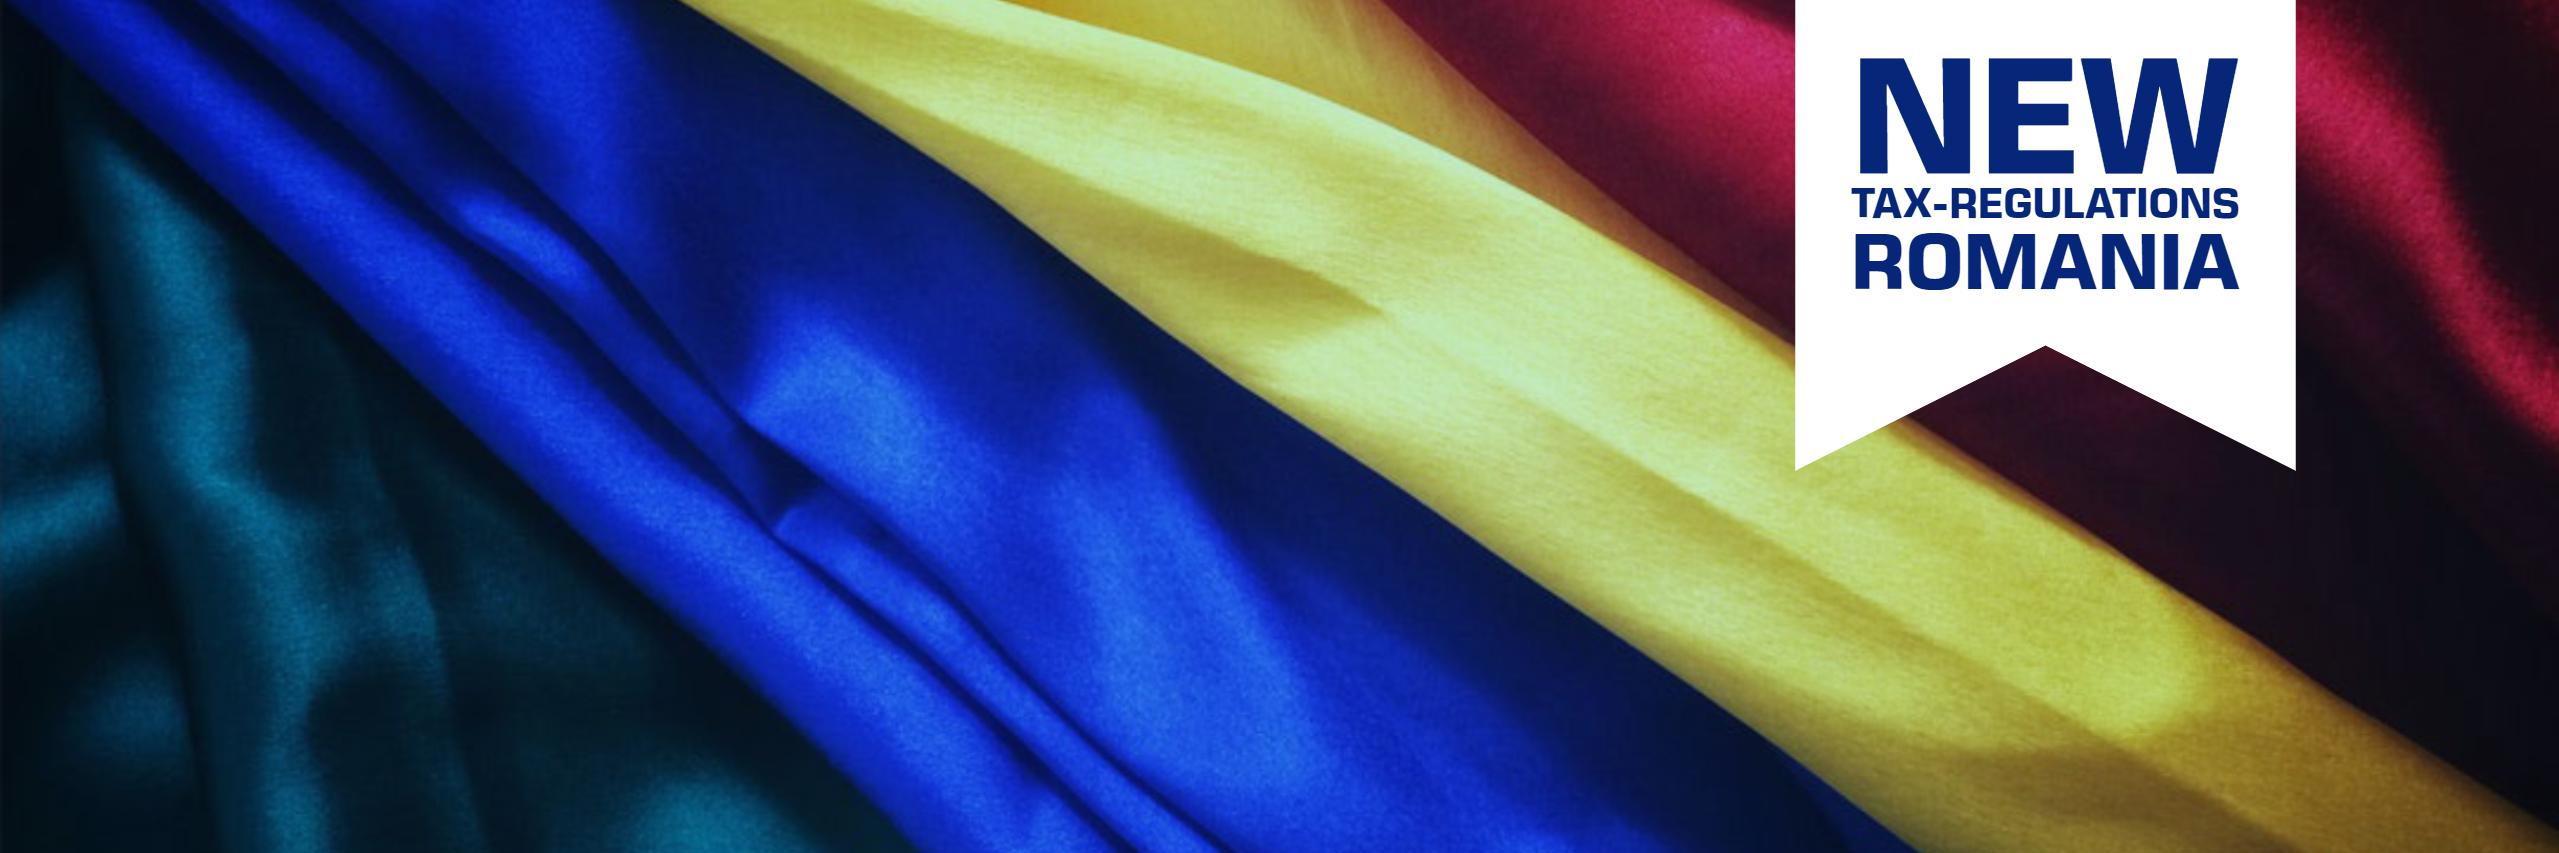 New Tax Regulations in Romania